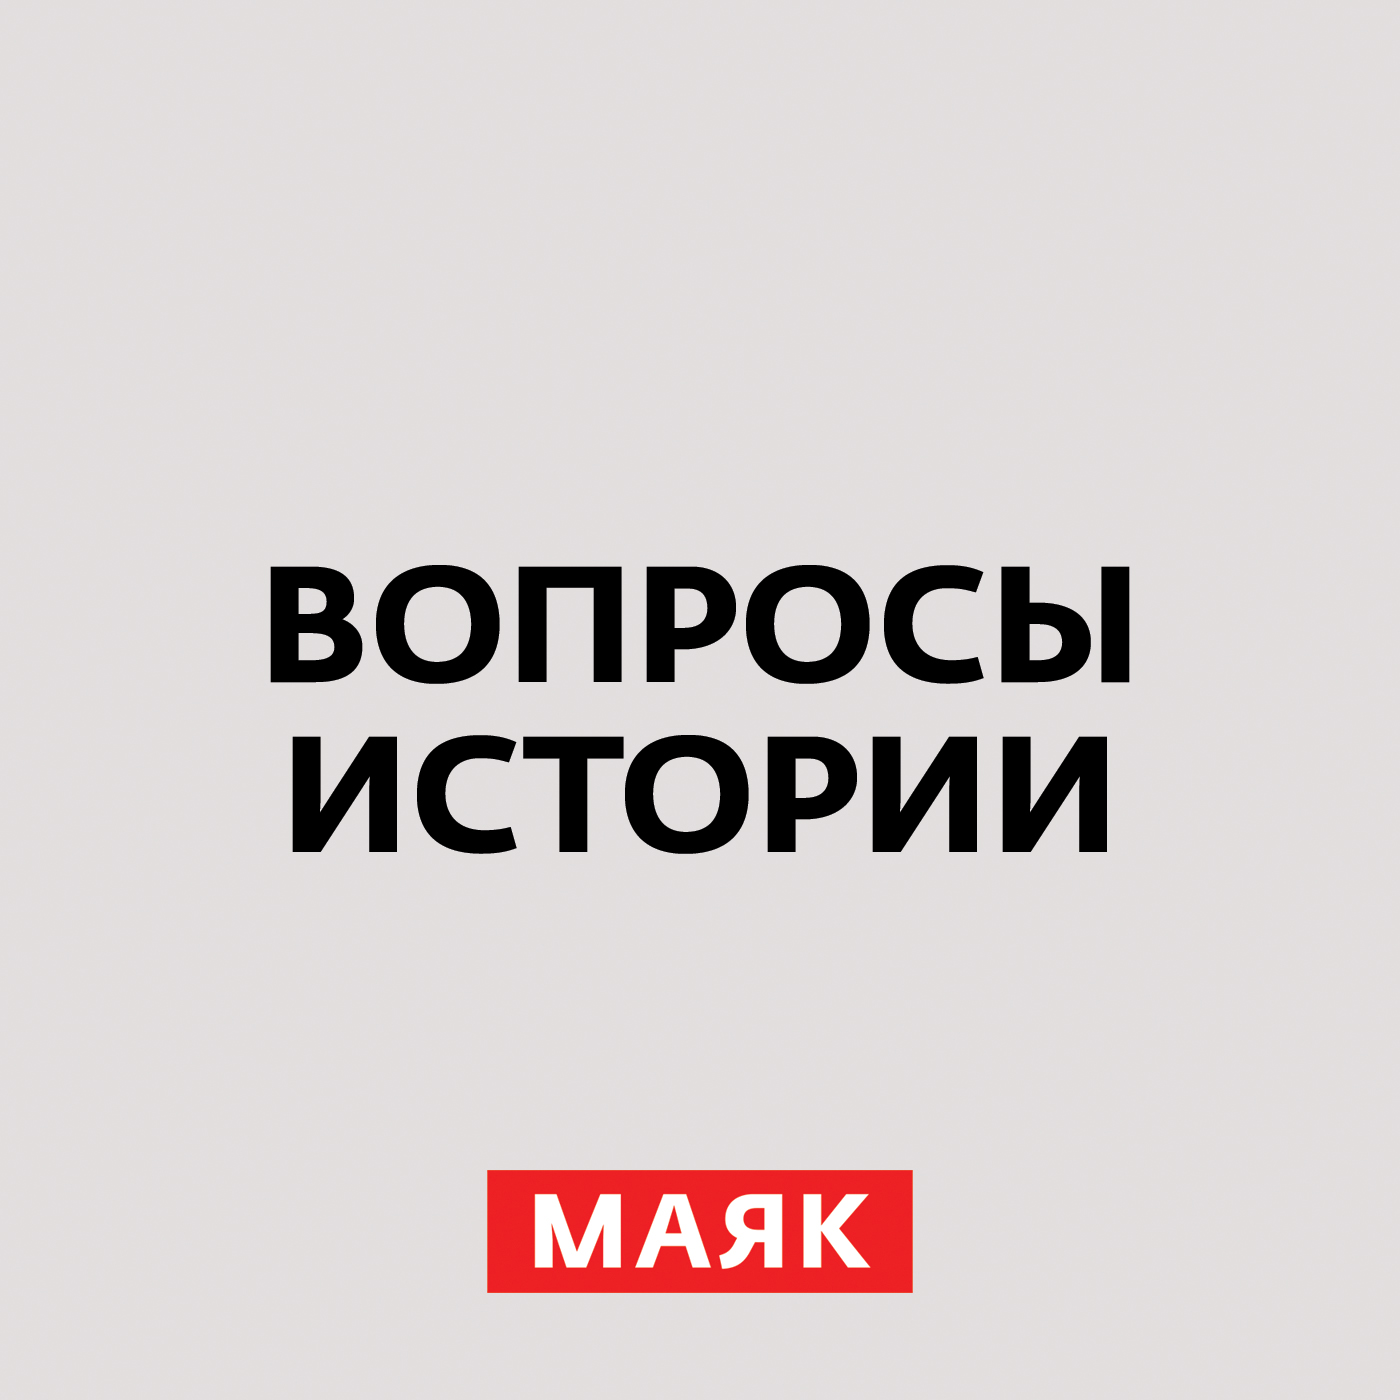 Андрей Светенко Судьба пленных в начале ВОВ. Часть 1 андрей светенко ленд лиз в годы вов мифы и реальность